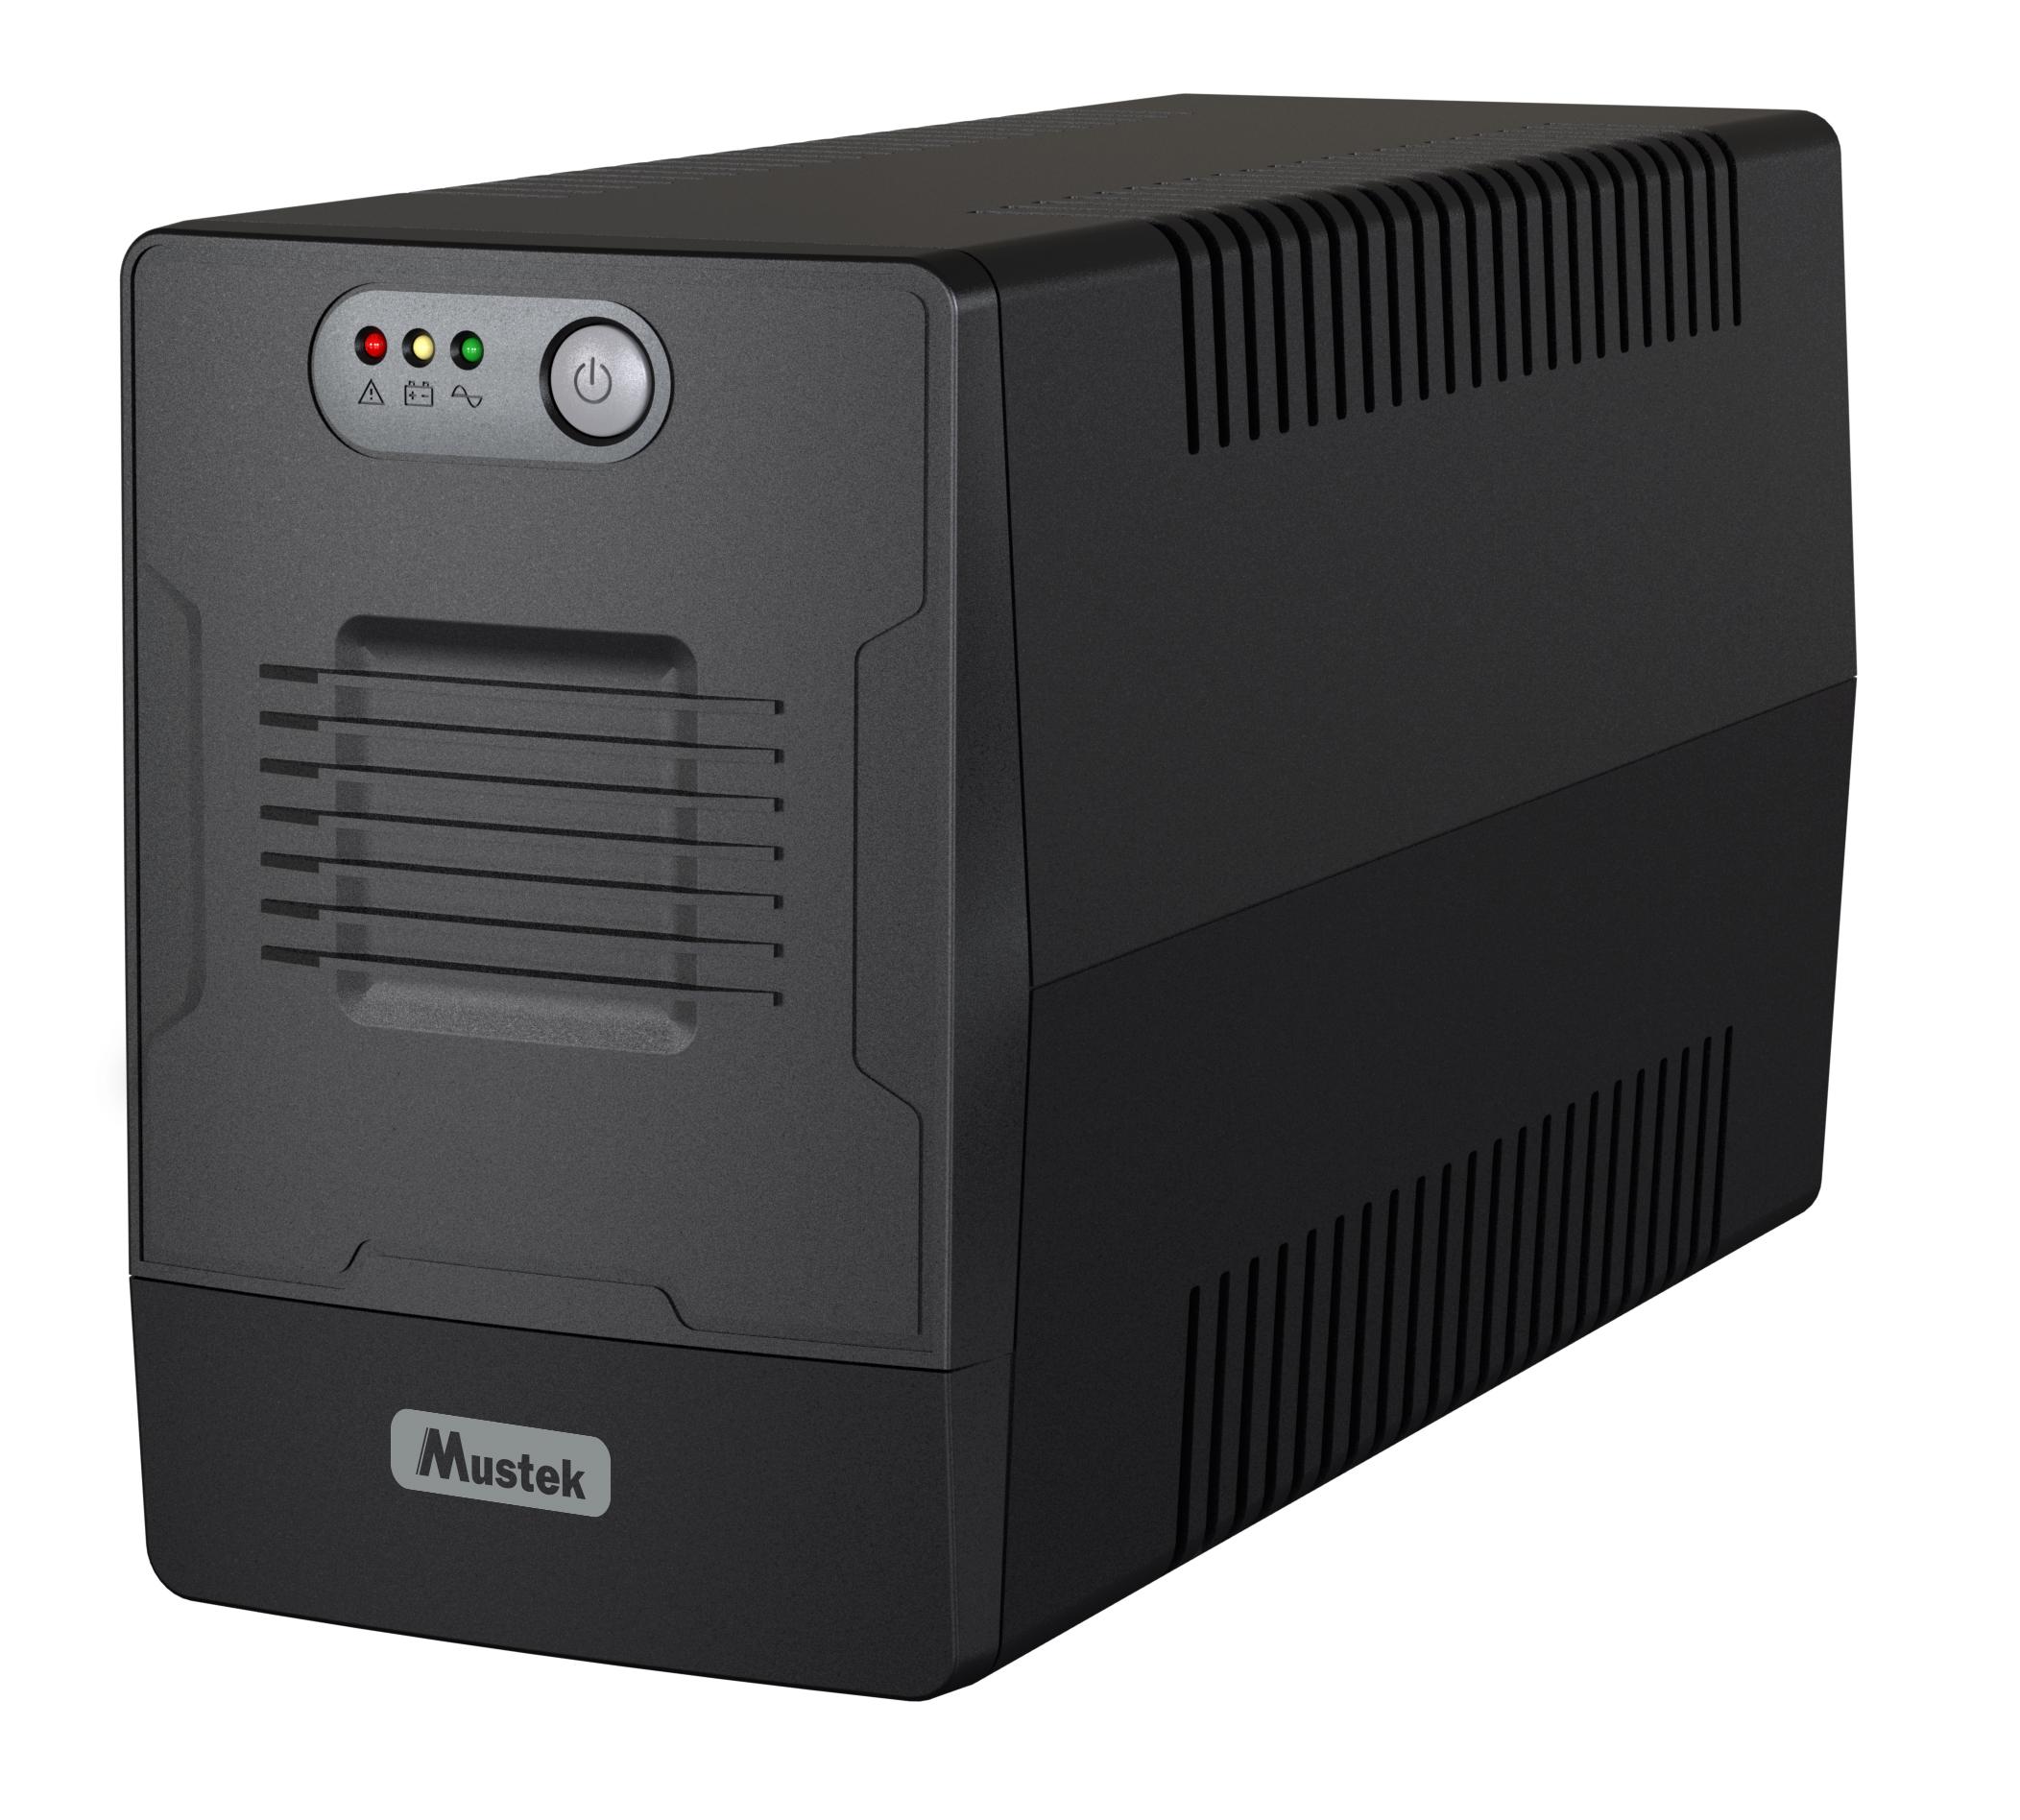 UPS Mustek PowerMust 2000 Line Interactive 2000VA/1200W 4xSchuko